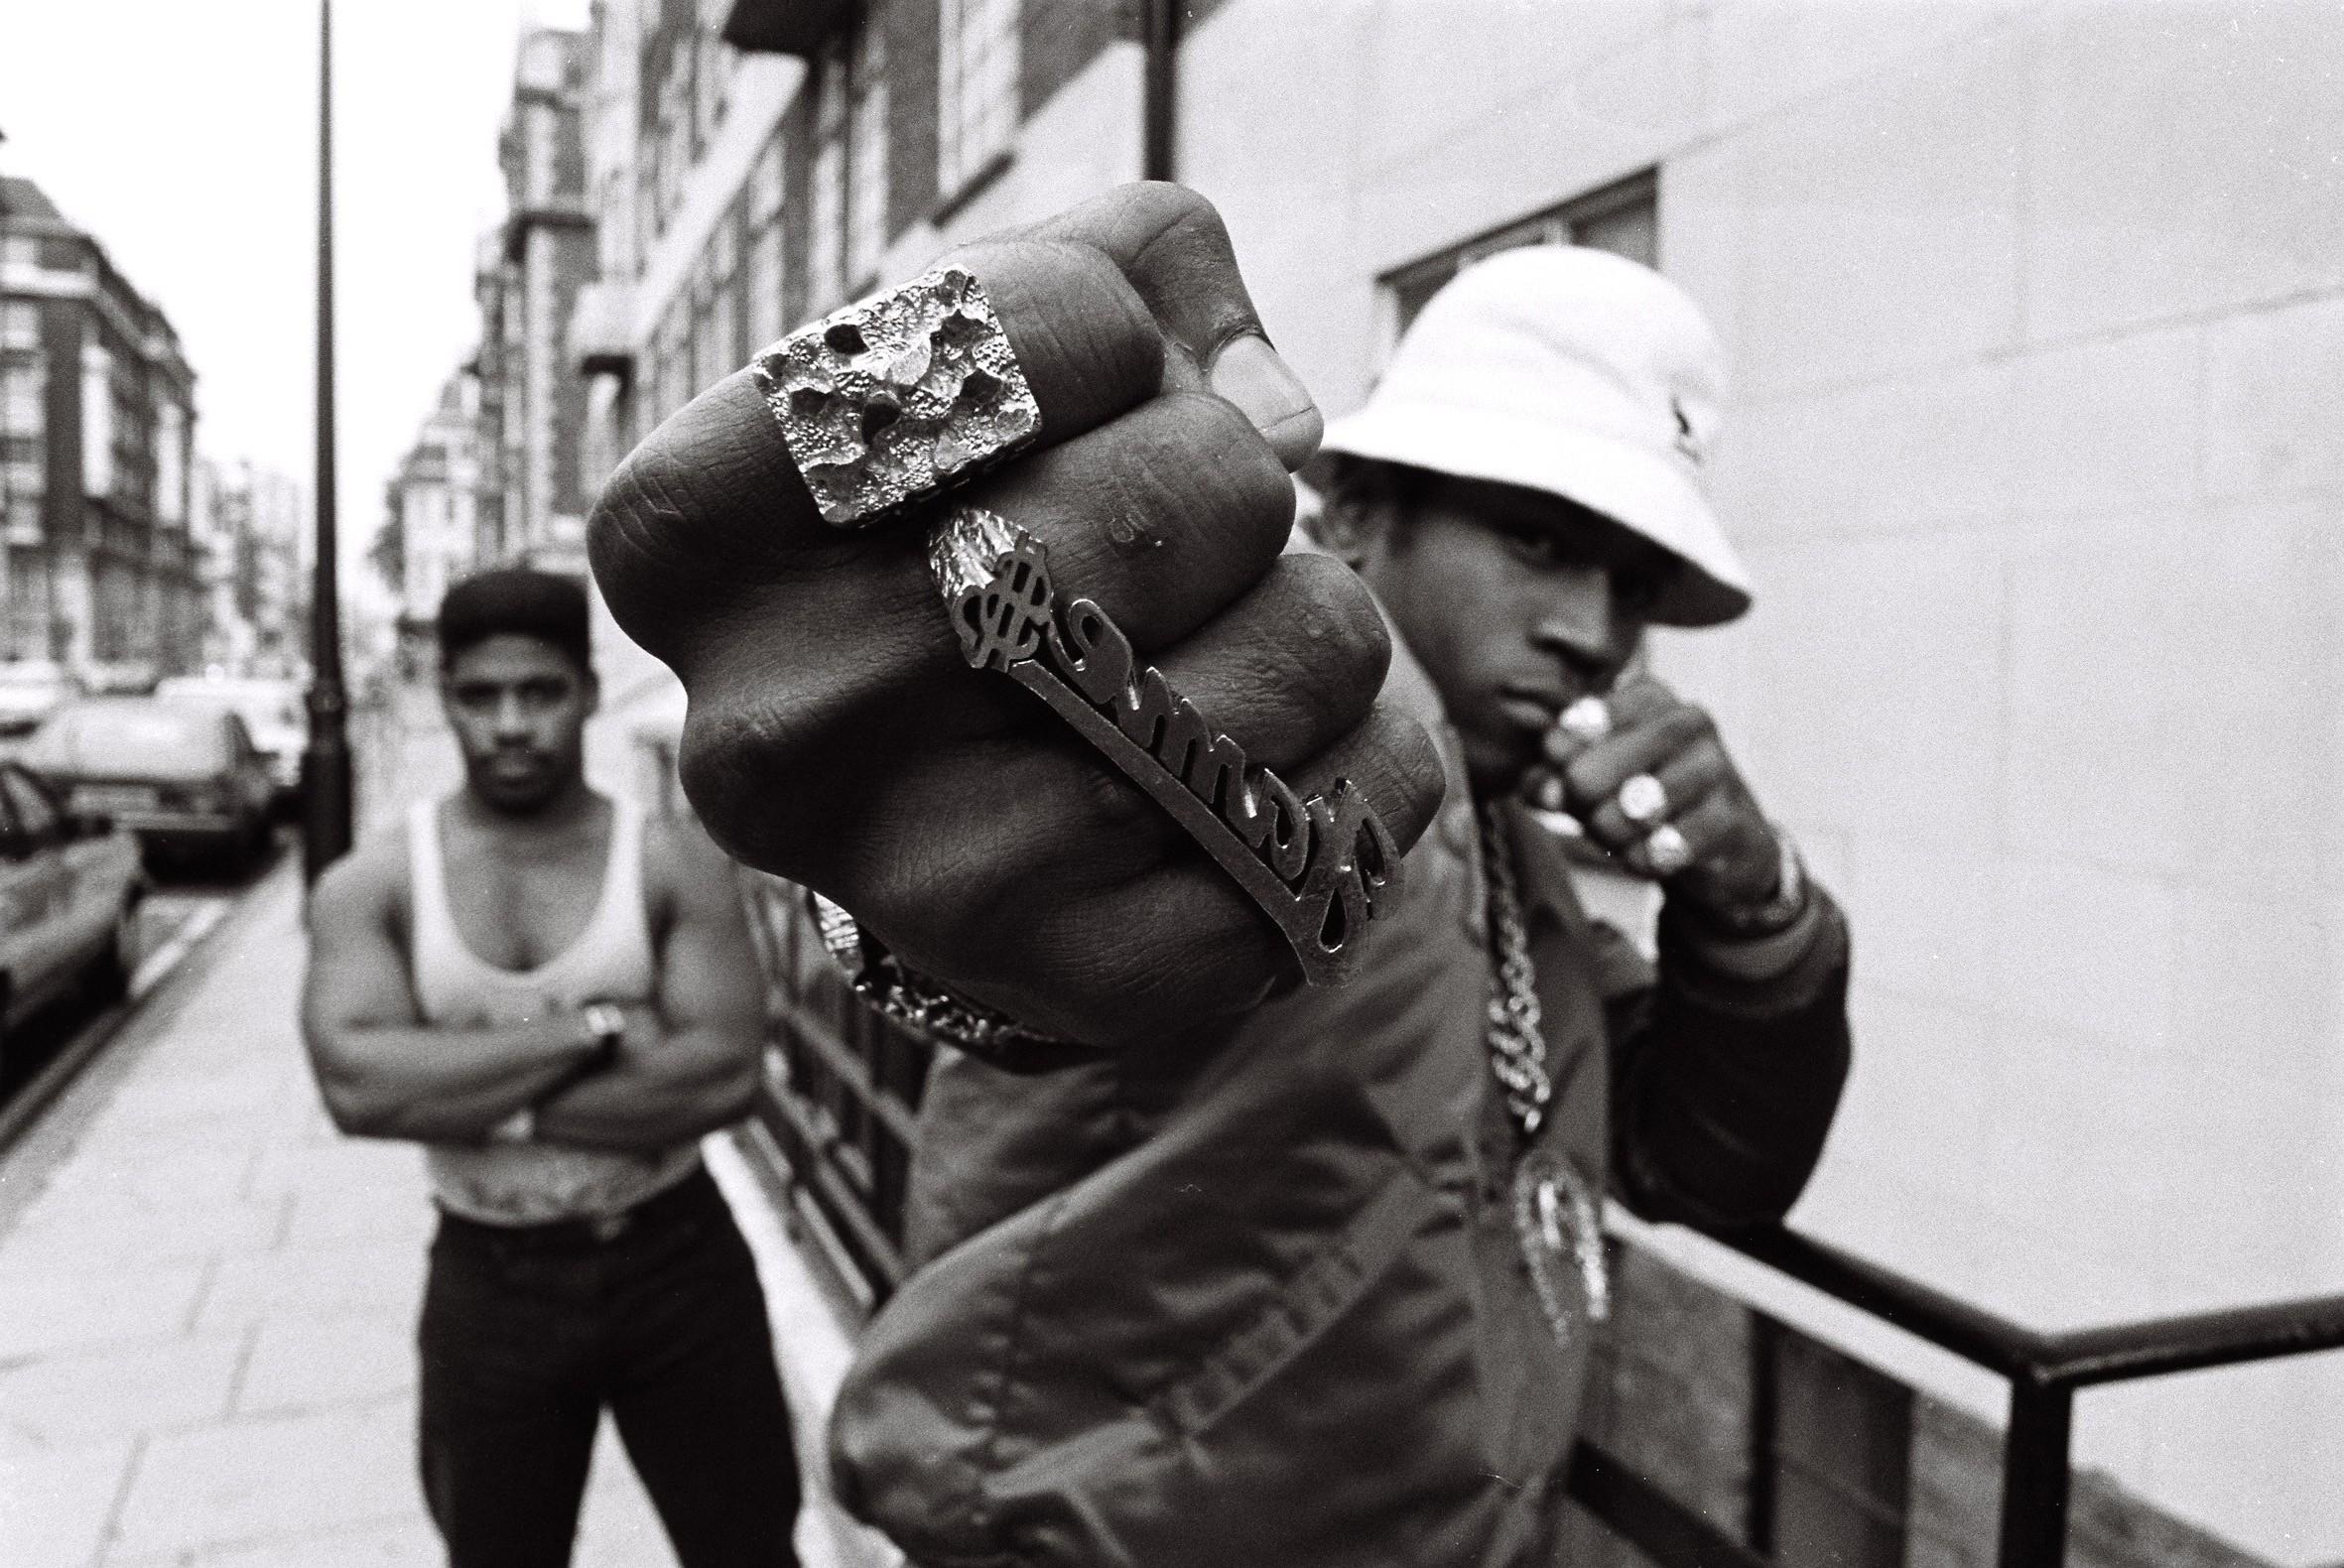 Fondos De Pantalla 2362x1580 Px Hip Hop Ll Cool J Nueva